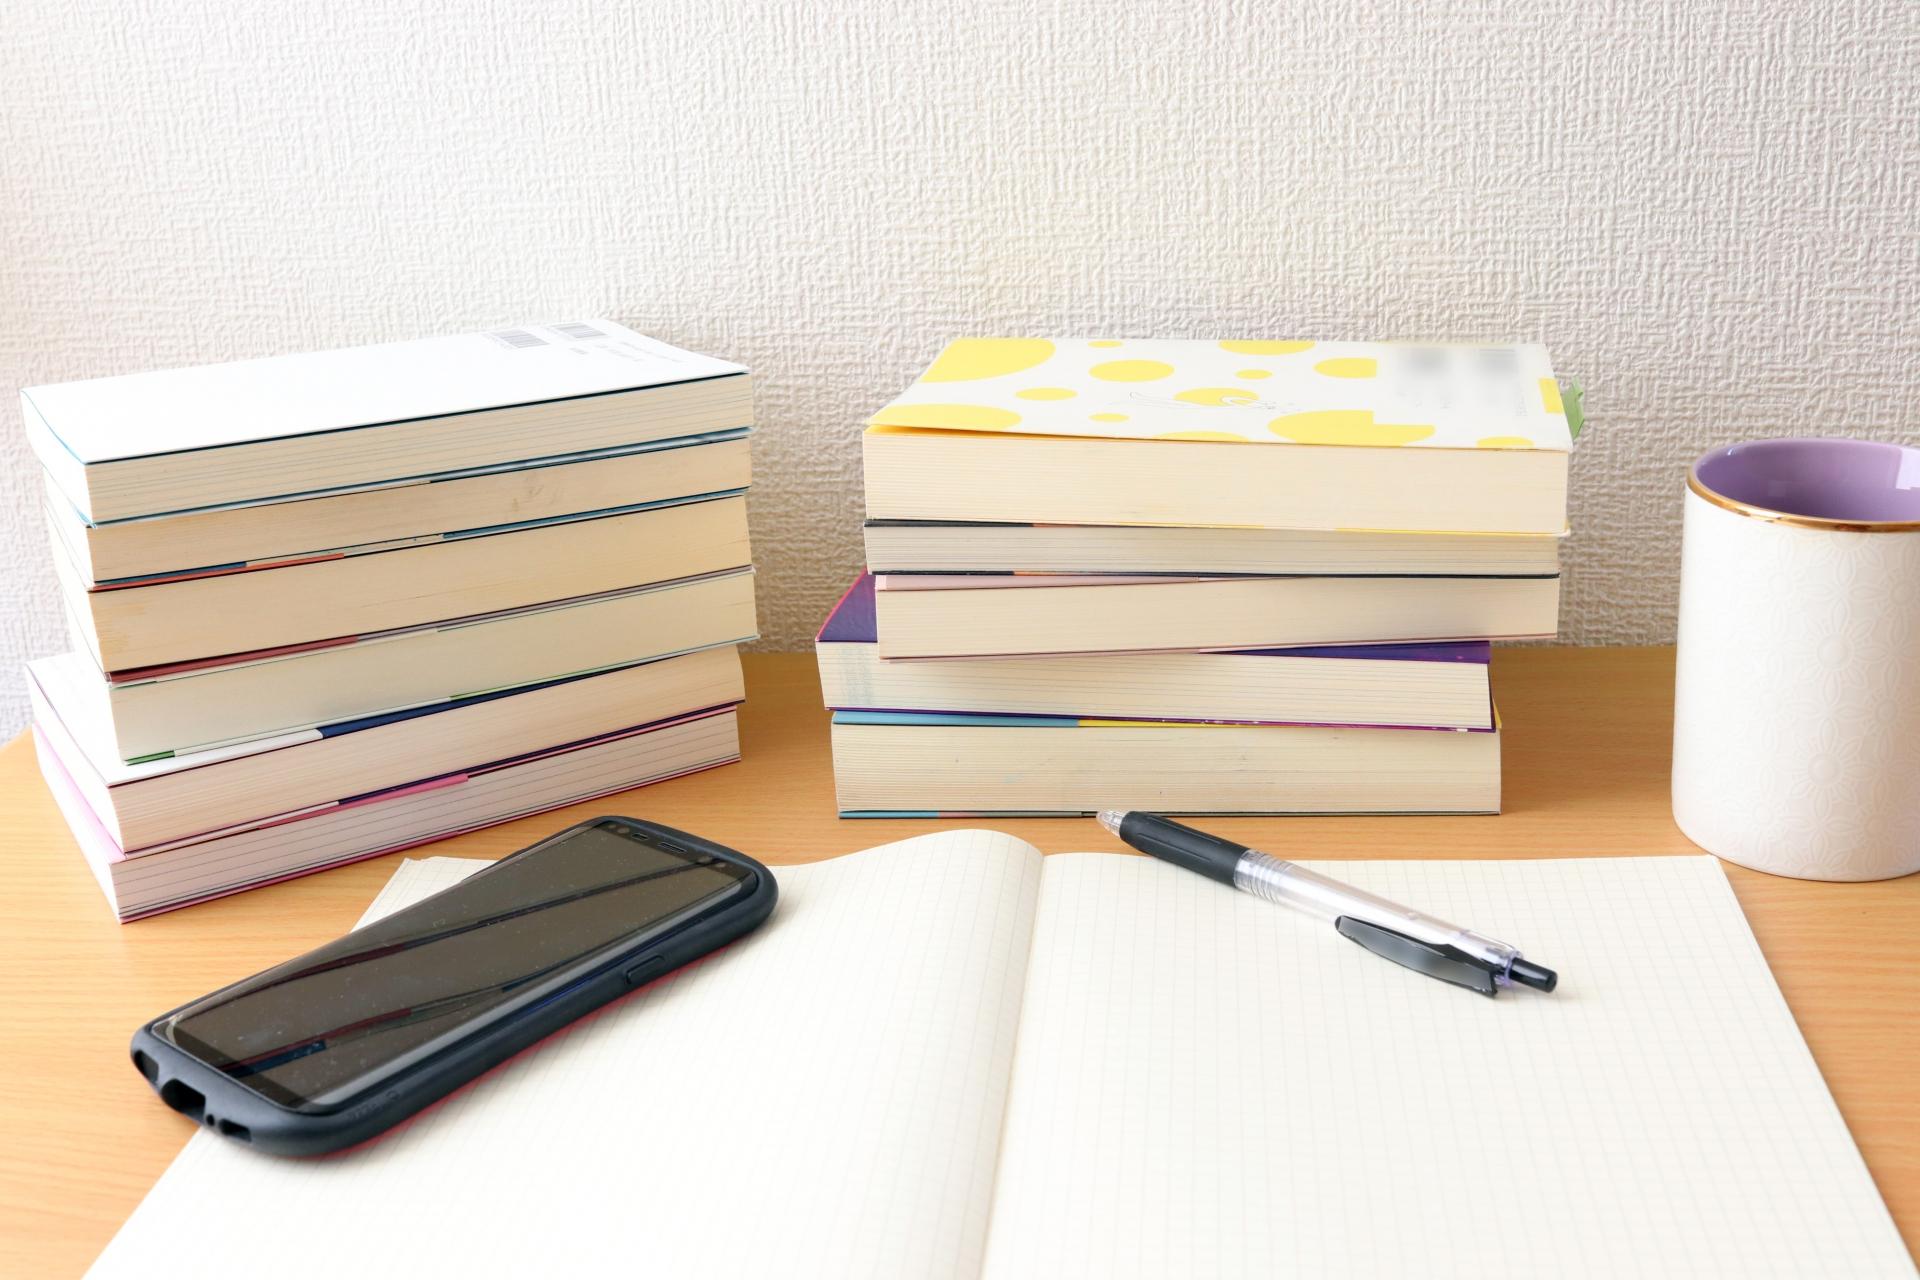 独学で公務員試験に挑む社会人におすすめする参考書【勉強法とセットで解説】